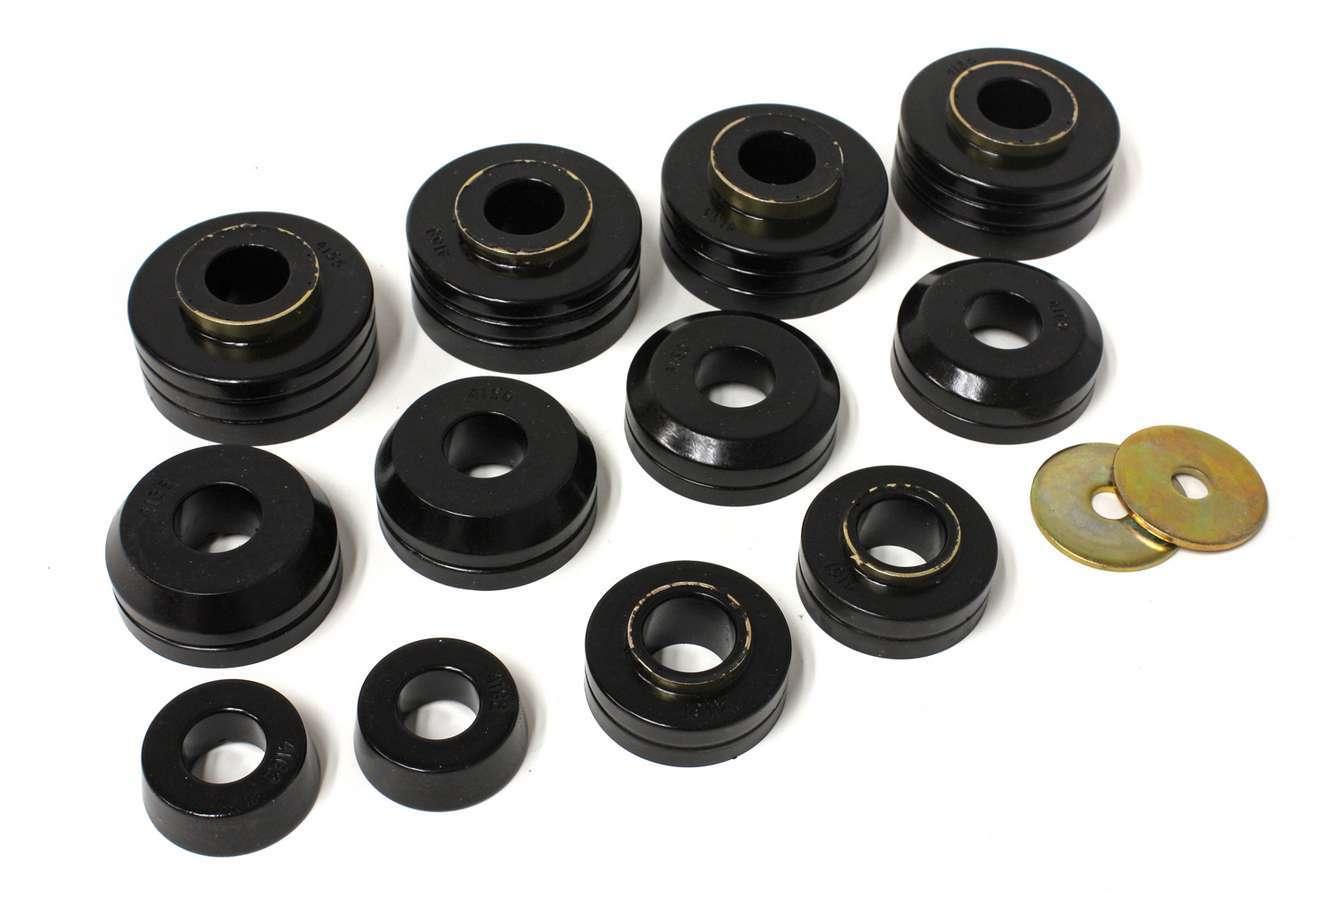 Energy Suspension 4-4104G Body Mount Bushing, Hyper-Flex, Polyurethane / Steel, Black / Cadmium, Ford Fullsize Truck 1965-79, Kit